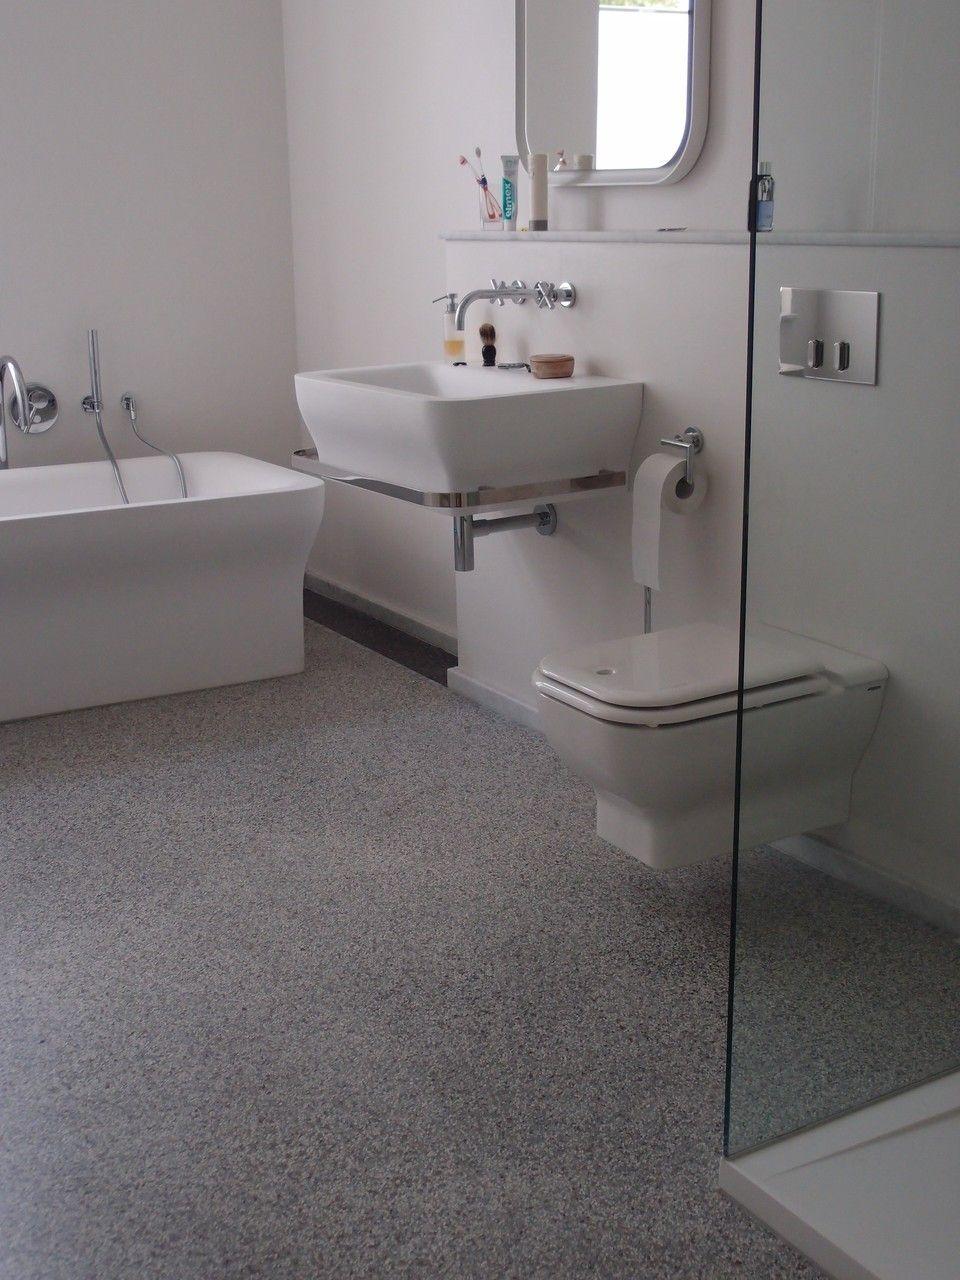 Terrazzo Projekte Terrazzoboden Terrazzo Peter Hess Kleines Badezimmer Umgestalten Badezimmer Badezimmerboden